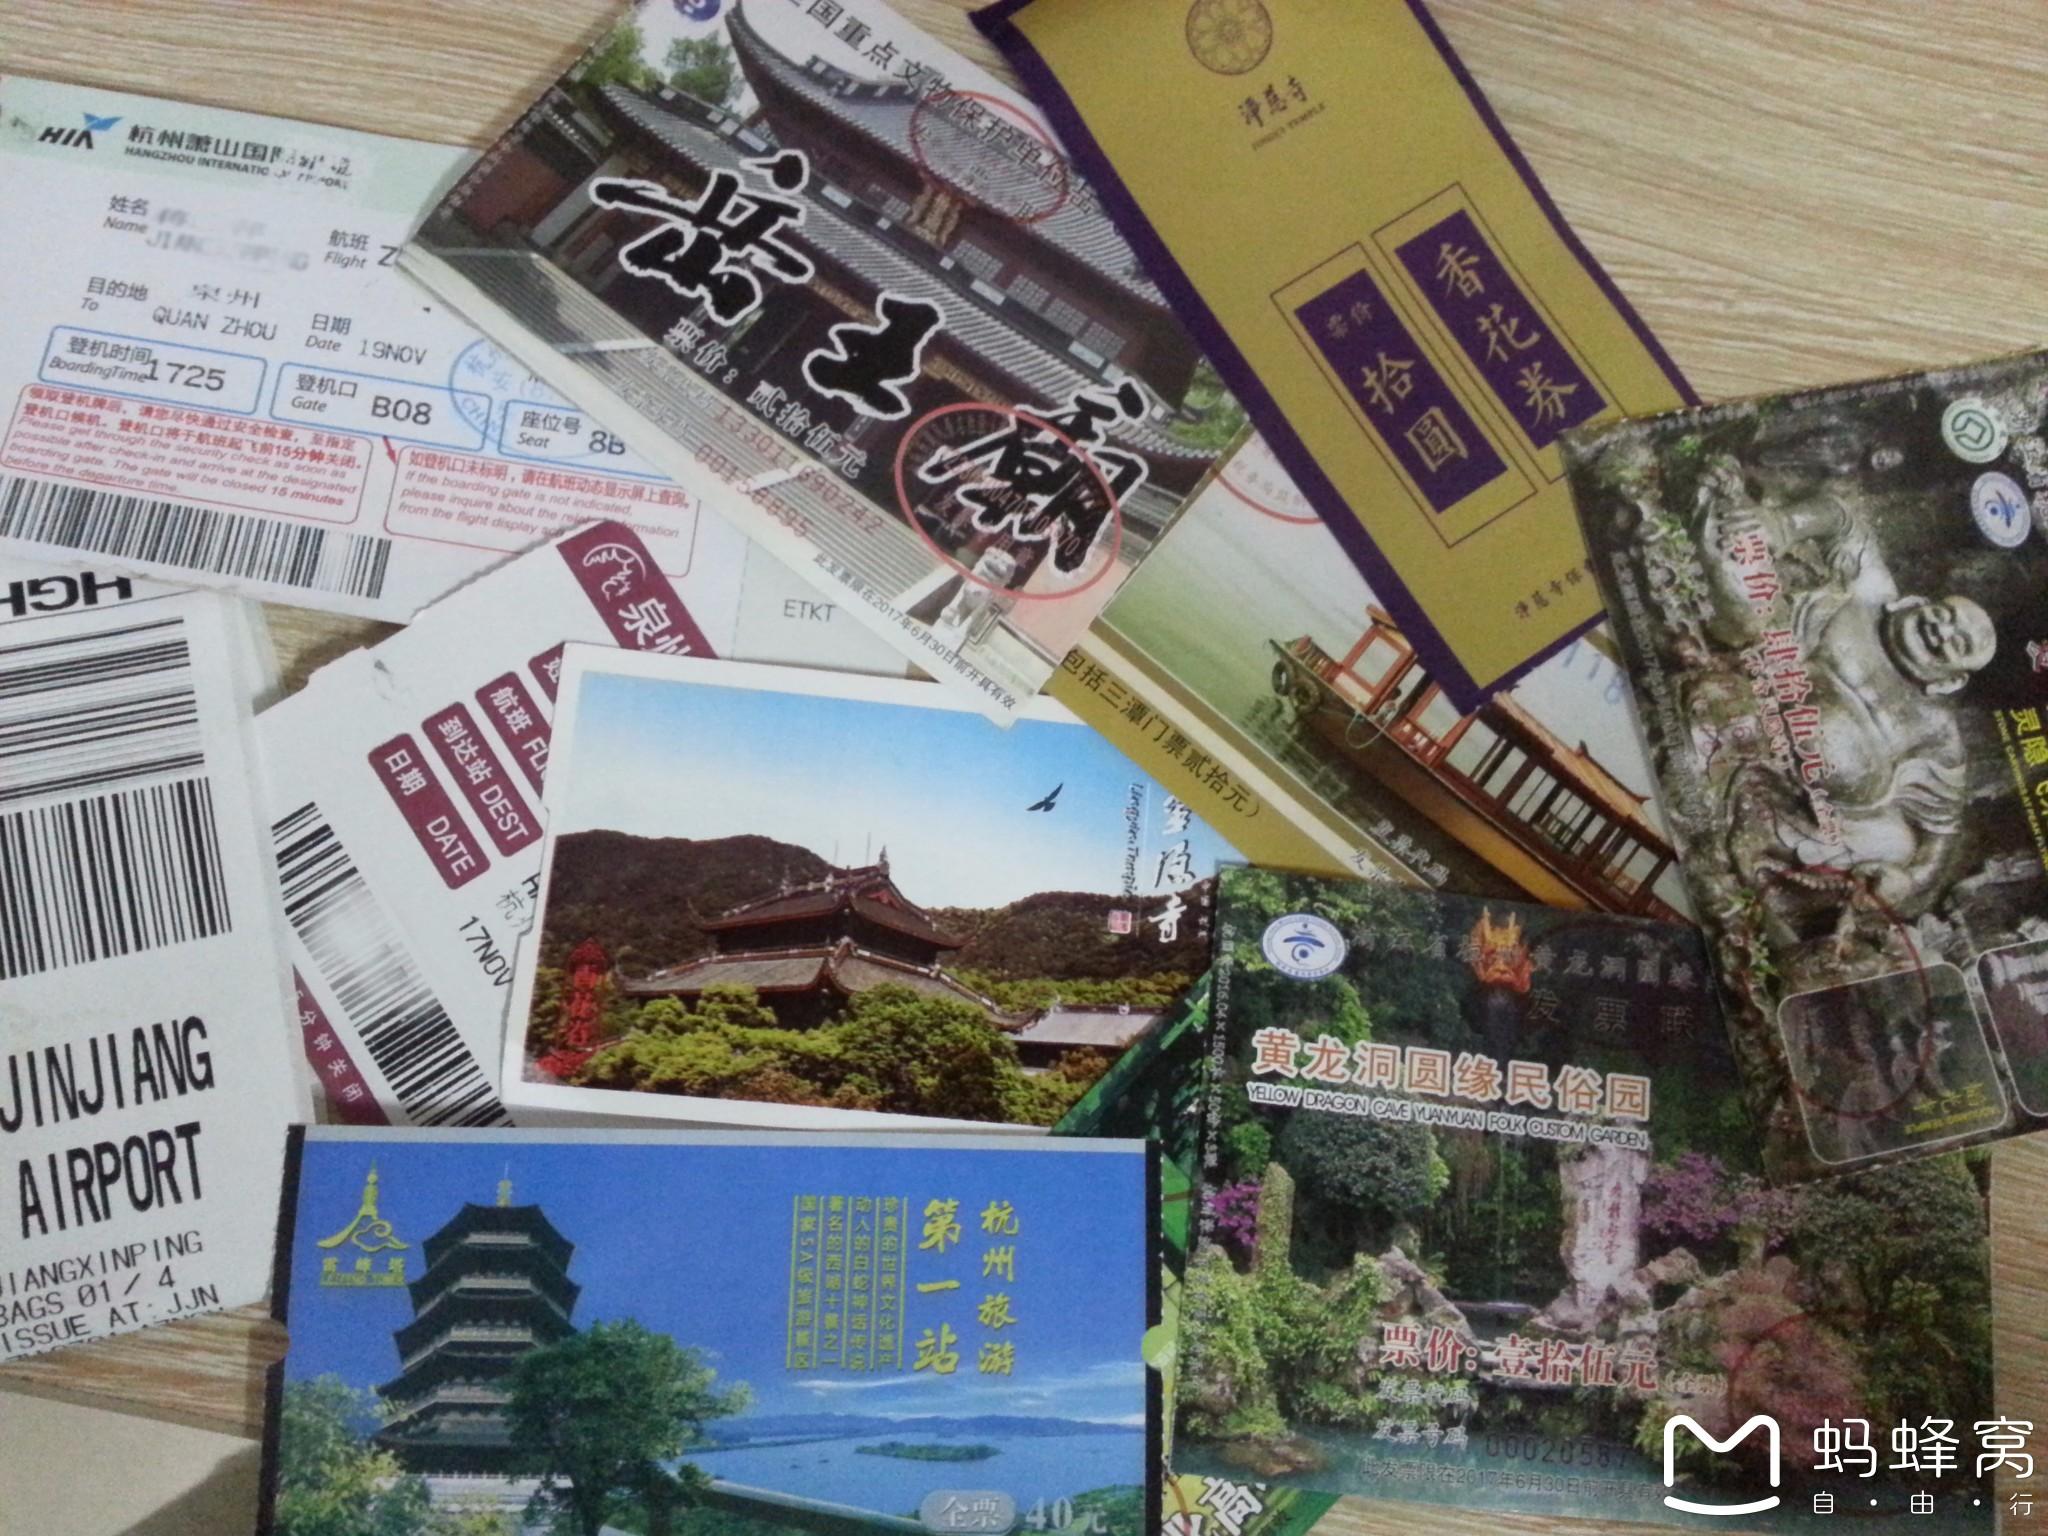 161117-19 想着·走着就来了杭州,在